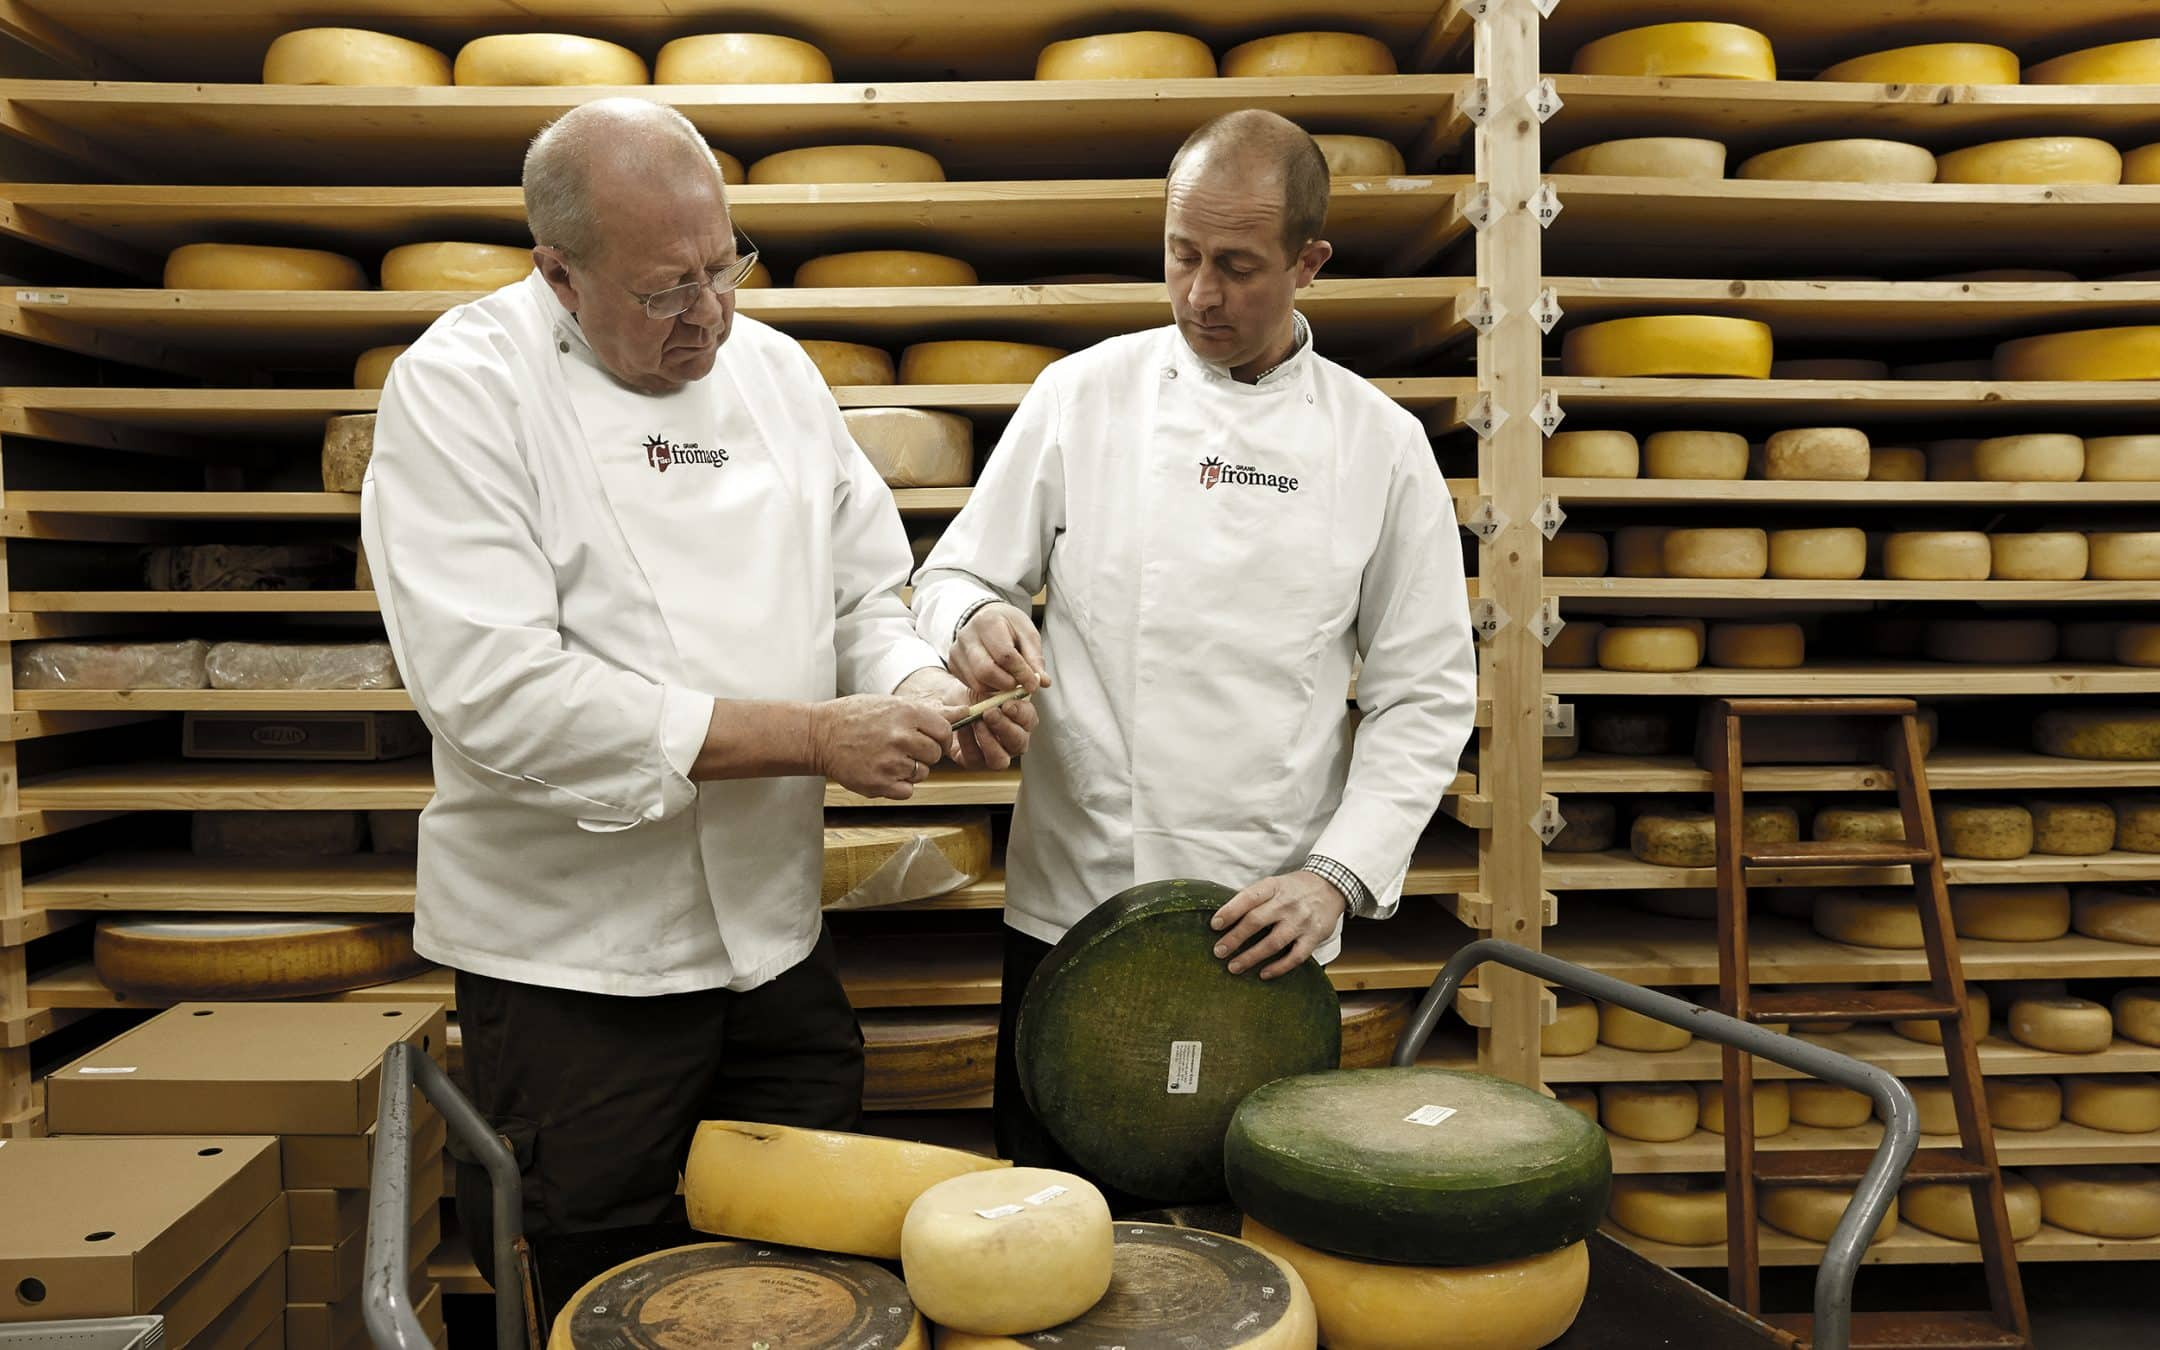 Læs om klimavenlig ost, den bedste julegaveidé til osteelskeren og bliv klogere på Naturmælks økologiske halloumi. Se de seneste nyheder i ostens verden.